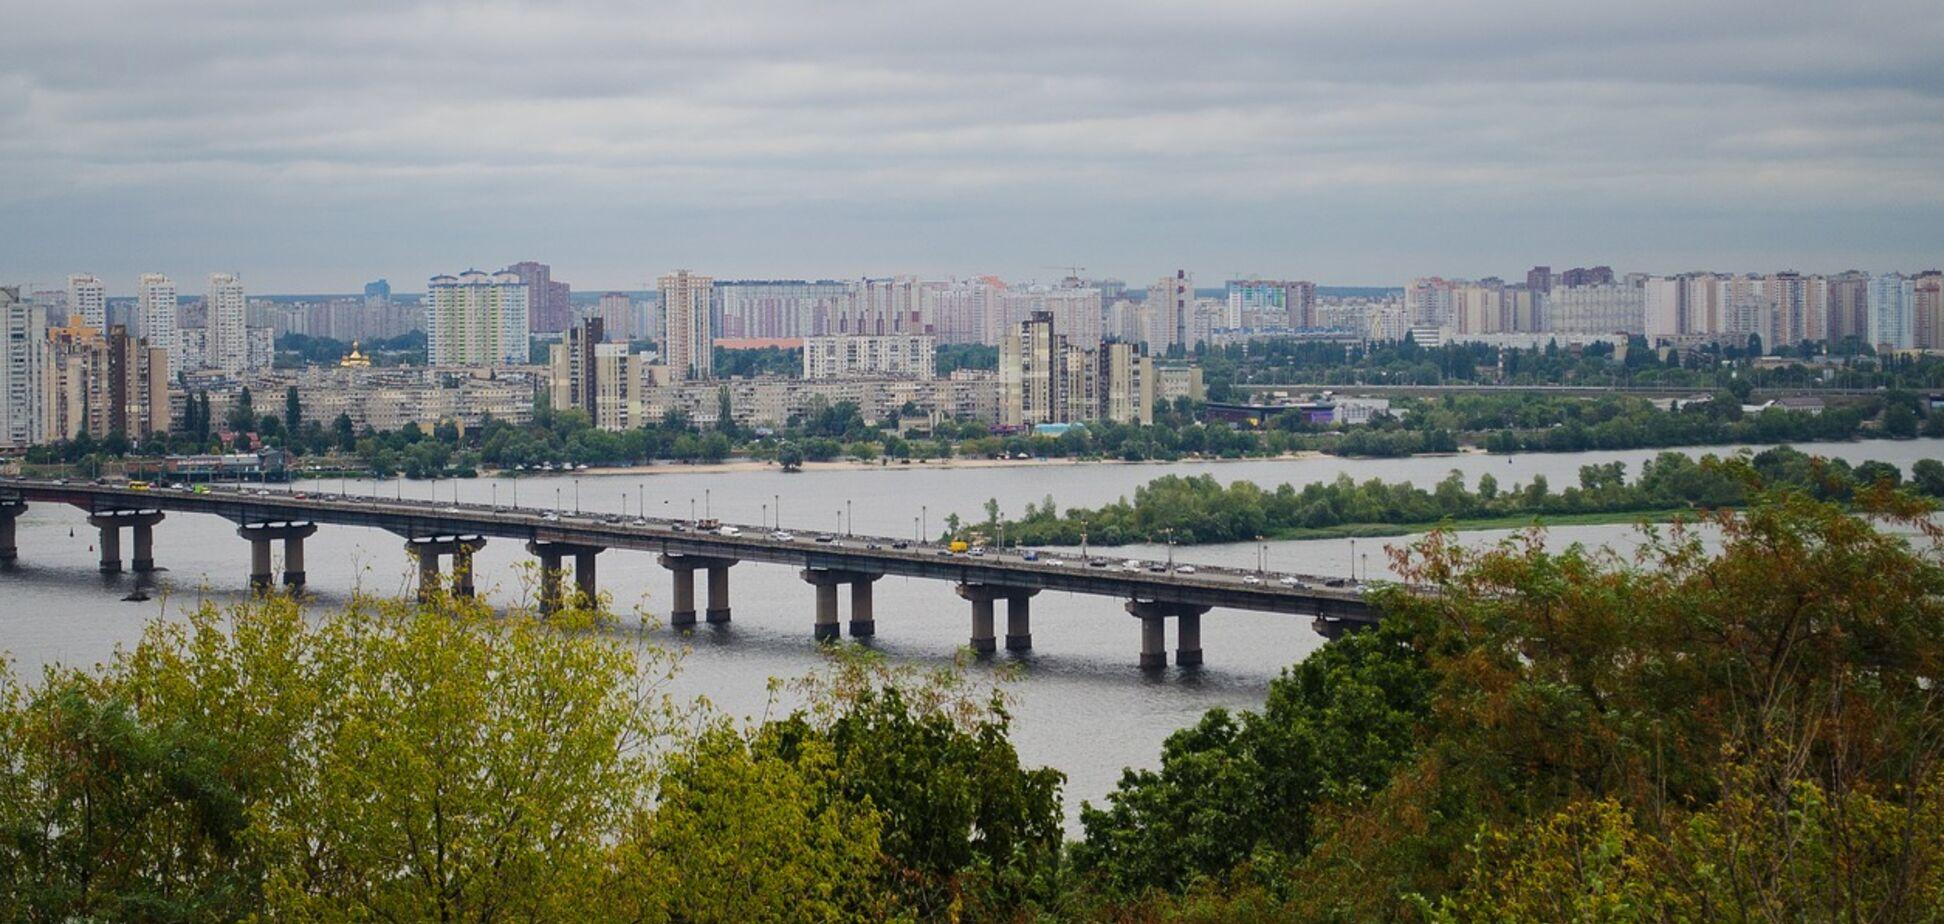 'Никаких каменных джунглей': в Украине будут бороться с плотной застройкой